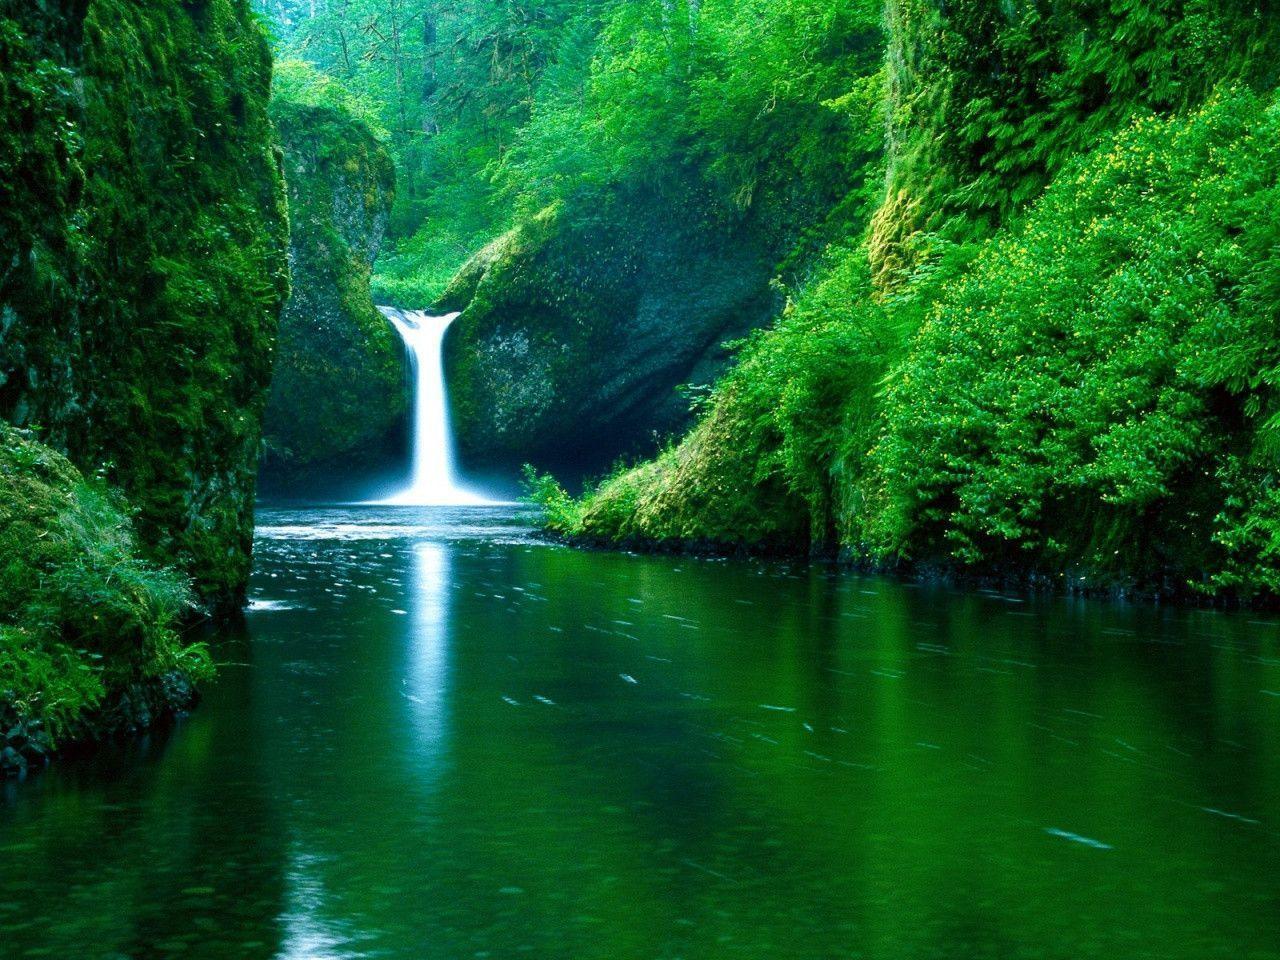 اروع صور من الطبيعة Best Nature Wallpapers RYgbsVe